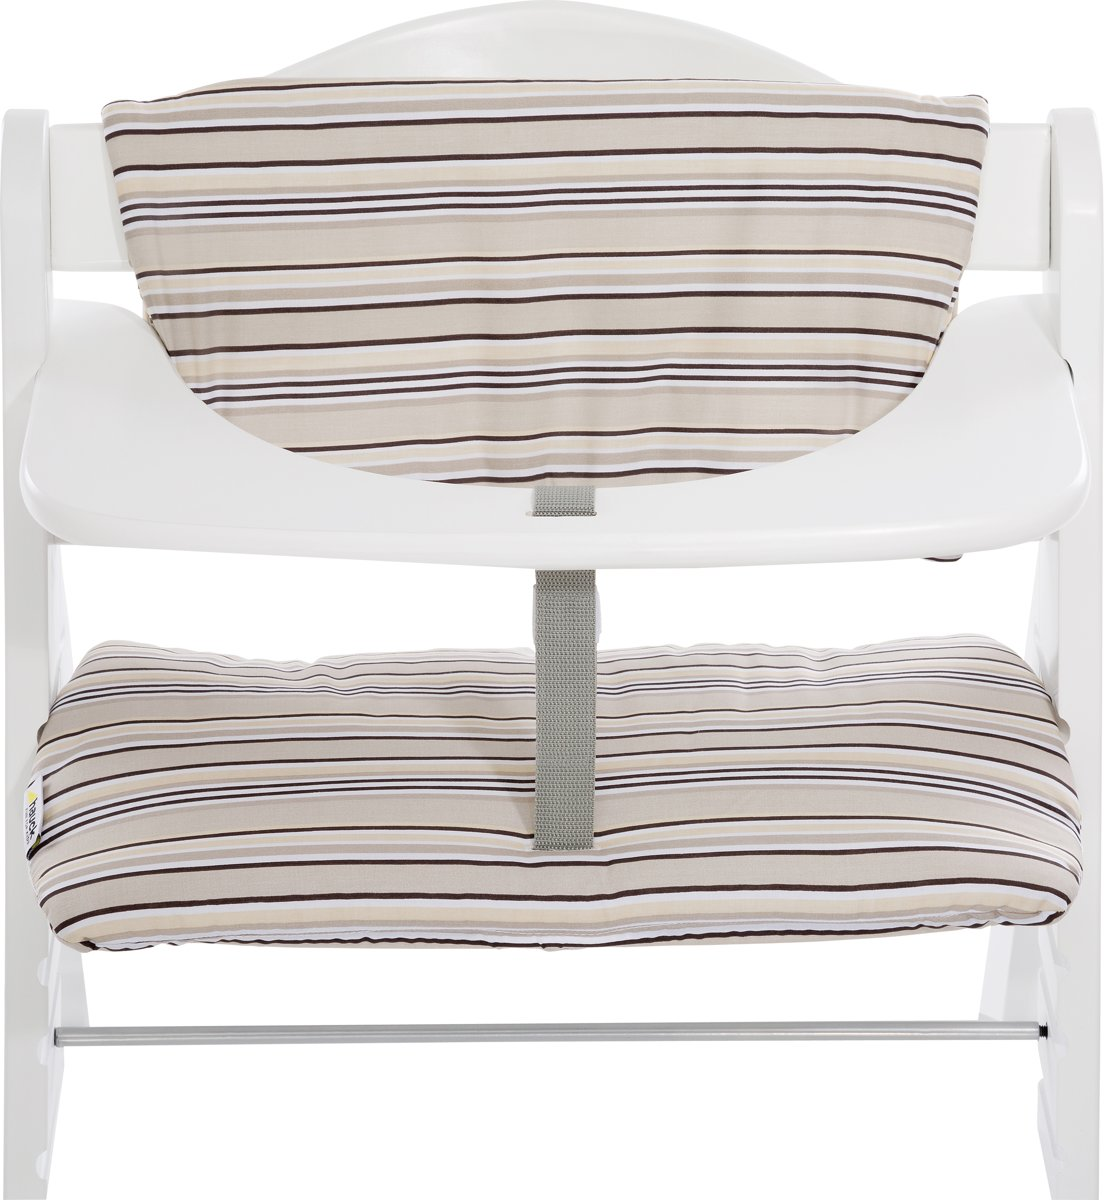 Chicco Kinderstoel Kussen.Hauck Highchairpad Deluxe Kinderstoel Multicolor Beige Babystoel